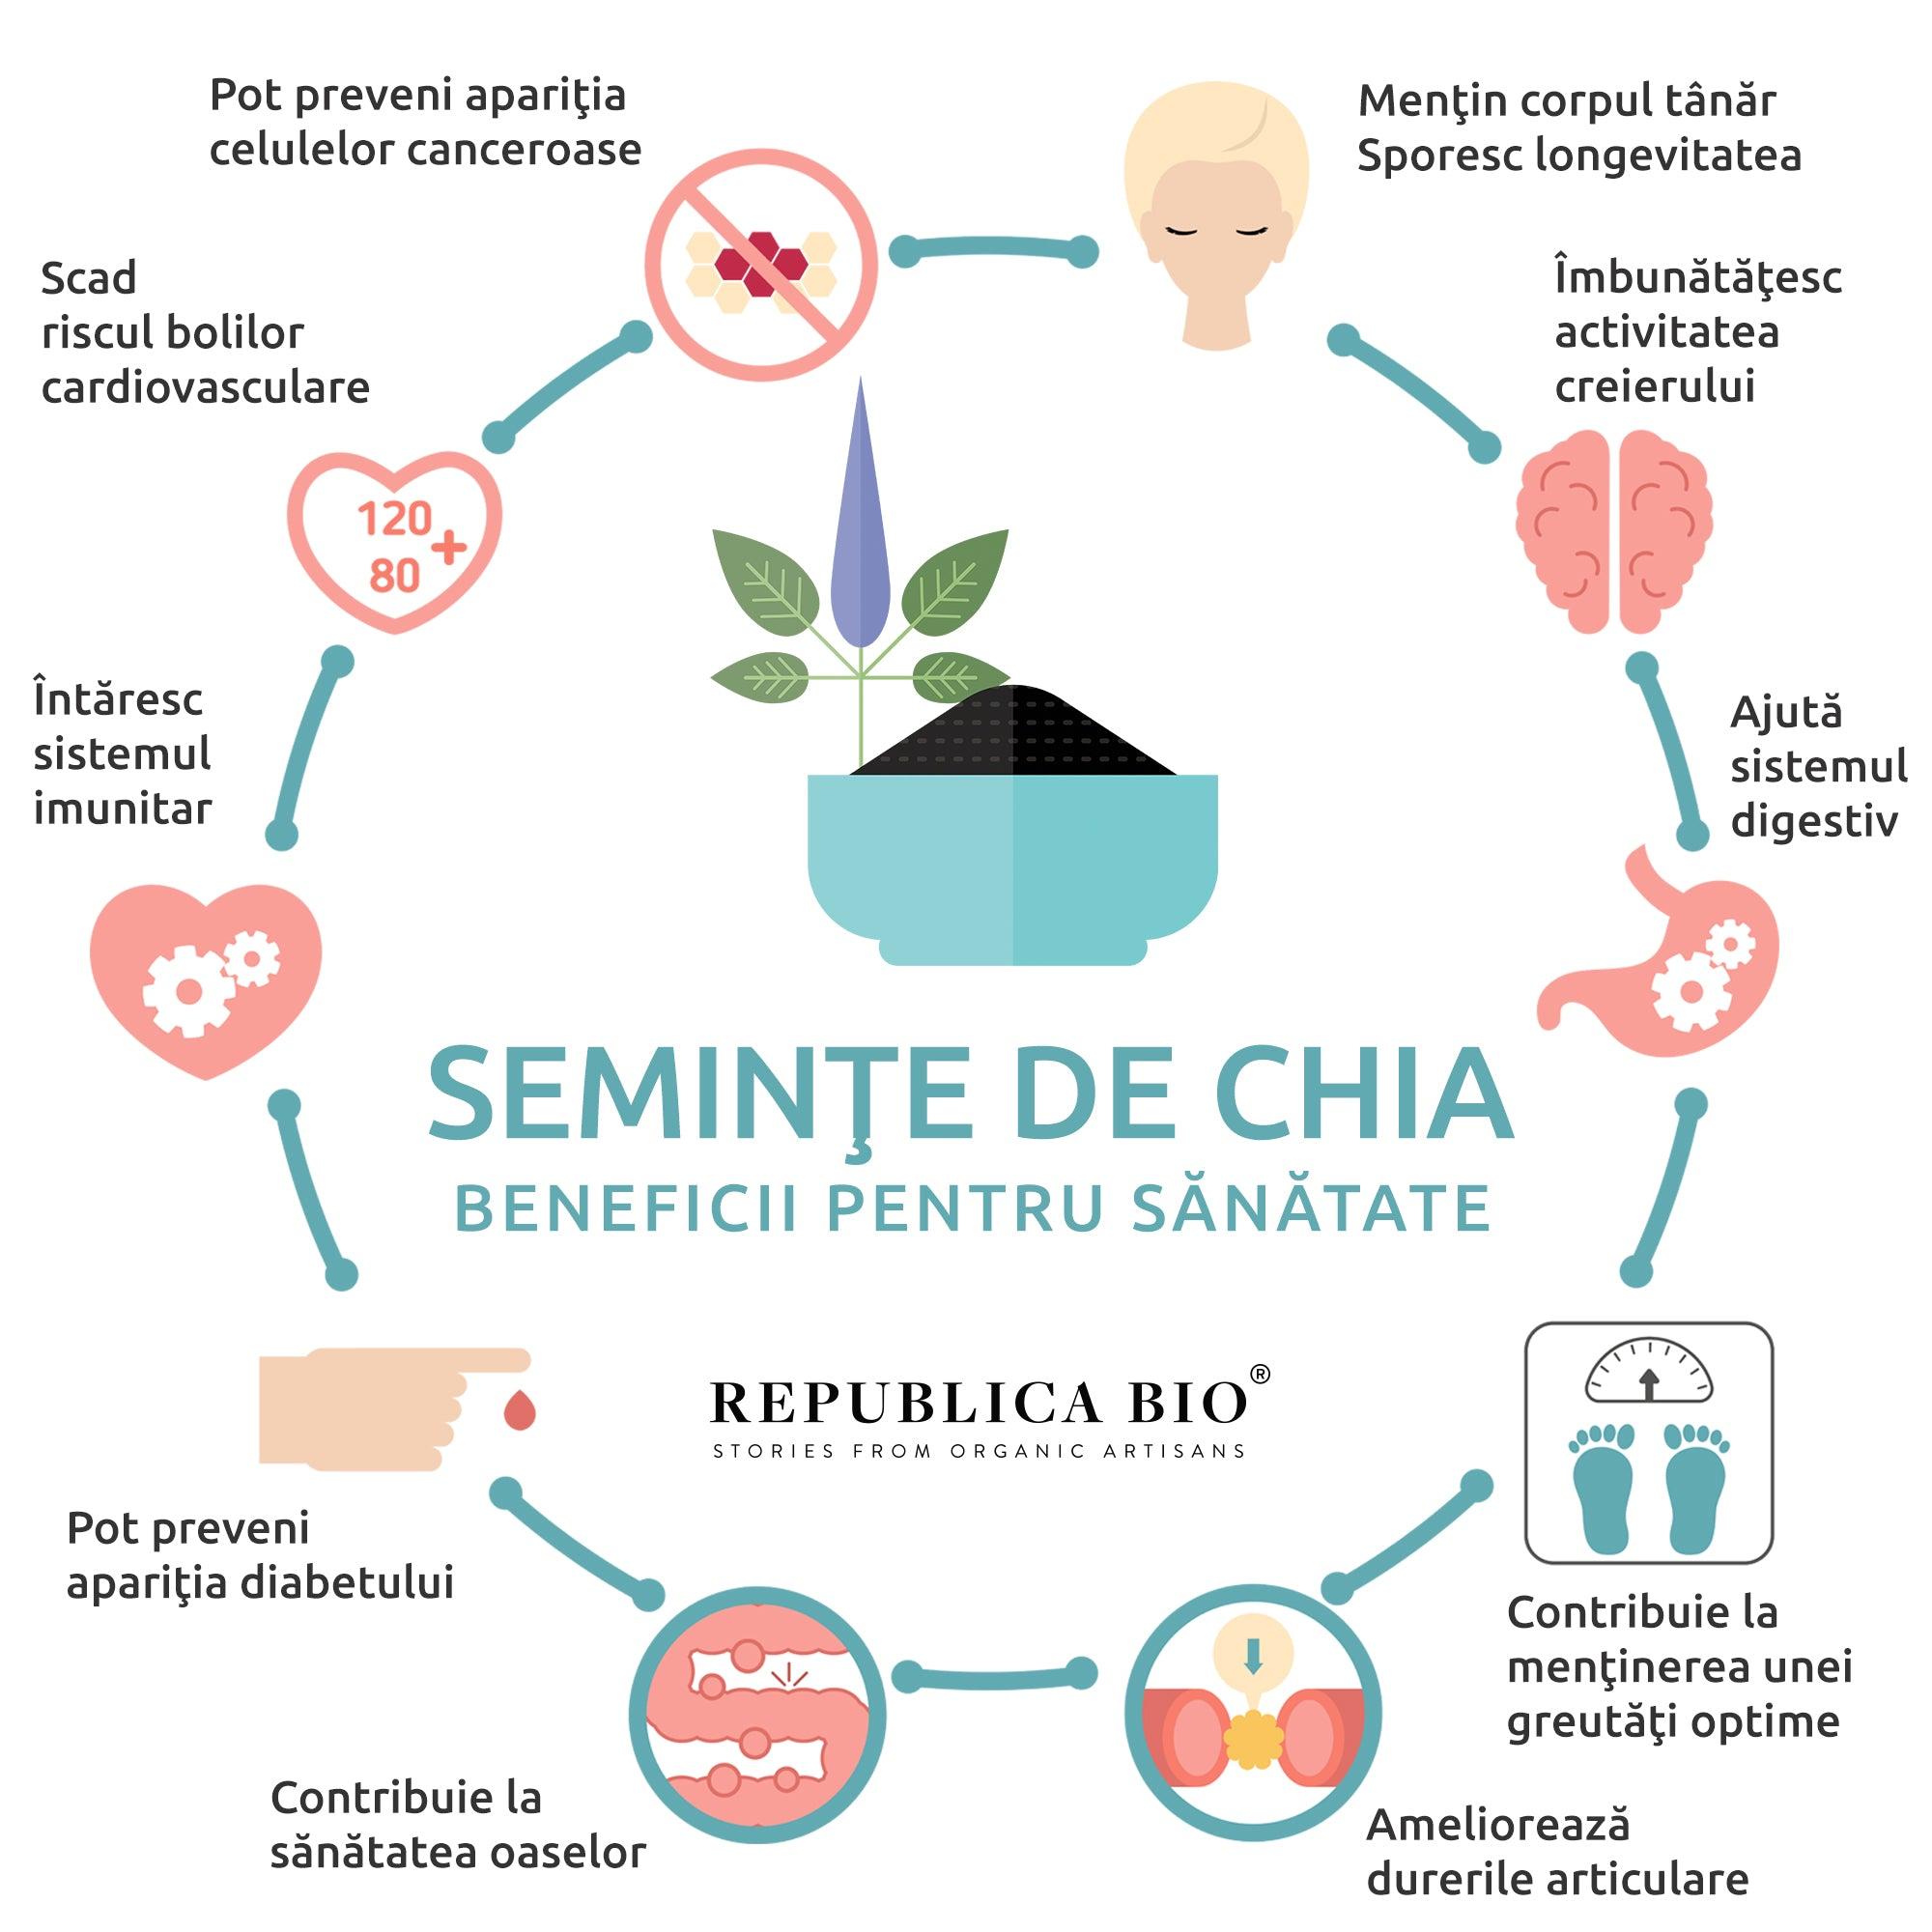 50 de kilograme beneficii pentru sănătate